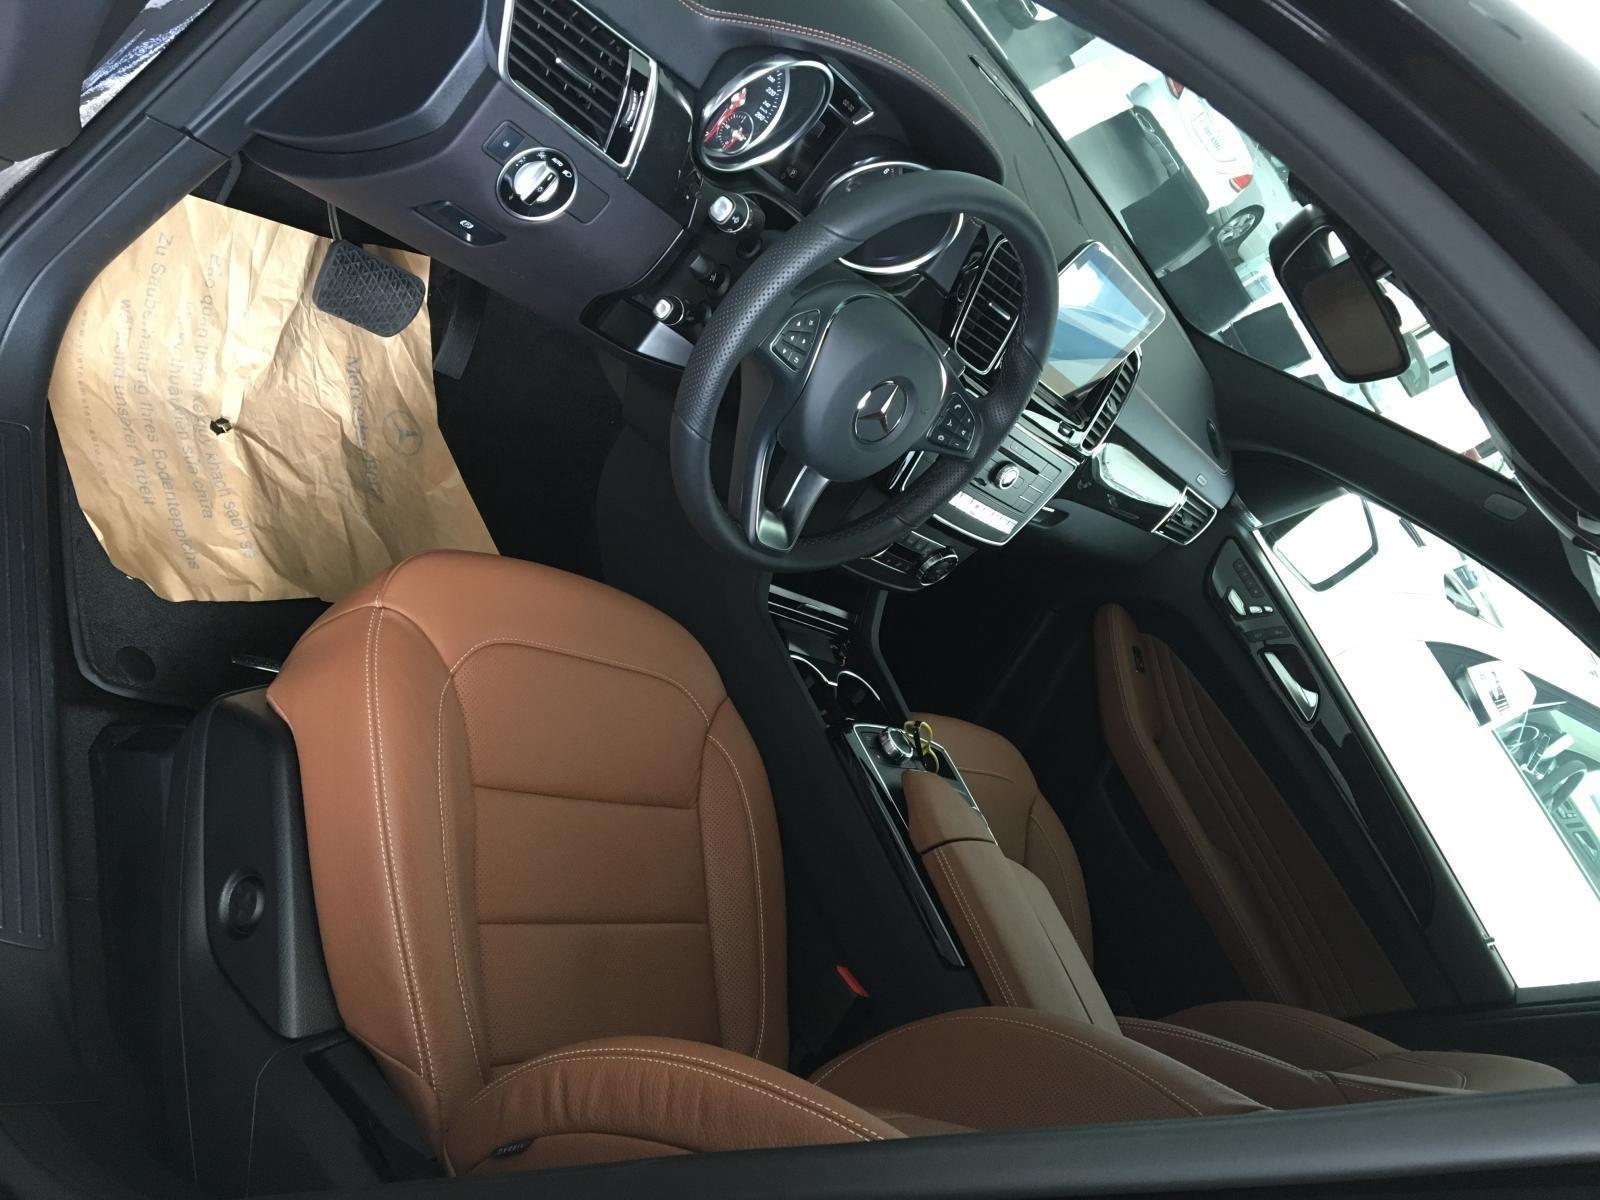 Siêu SUV Mercedes GLE 400 Coupe, nhập khẩu Mỹ, 01 xe duy nhất giảm giá 10% trong tháng 10/2019, xe giao ngay (8)